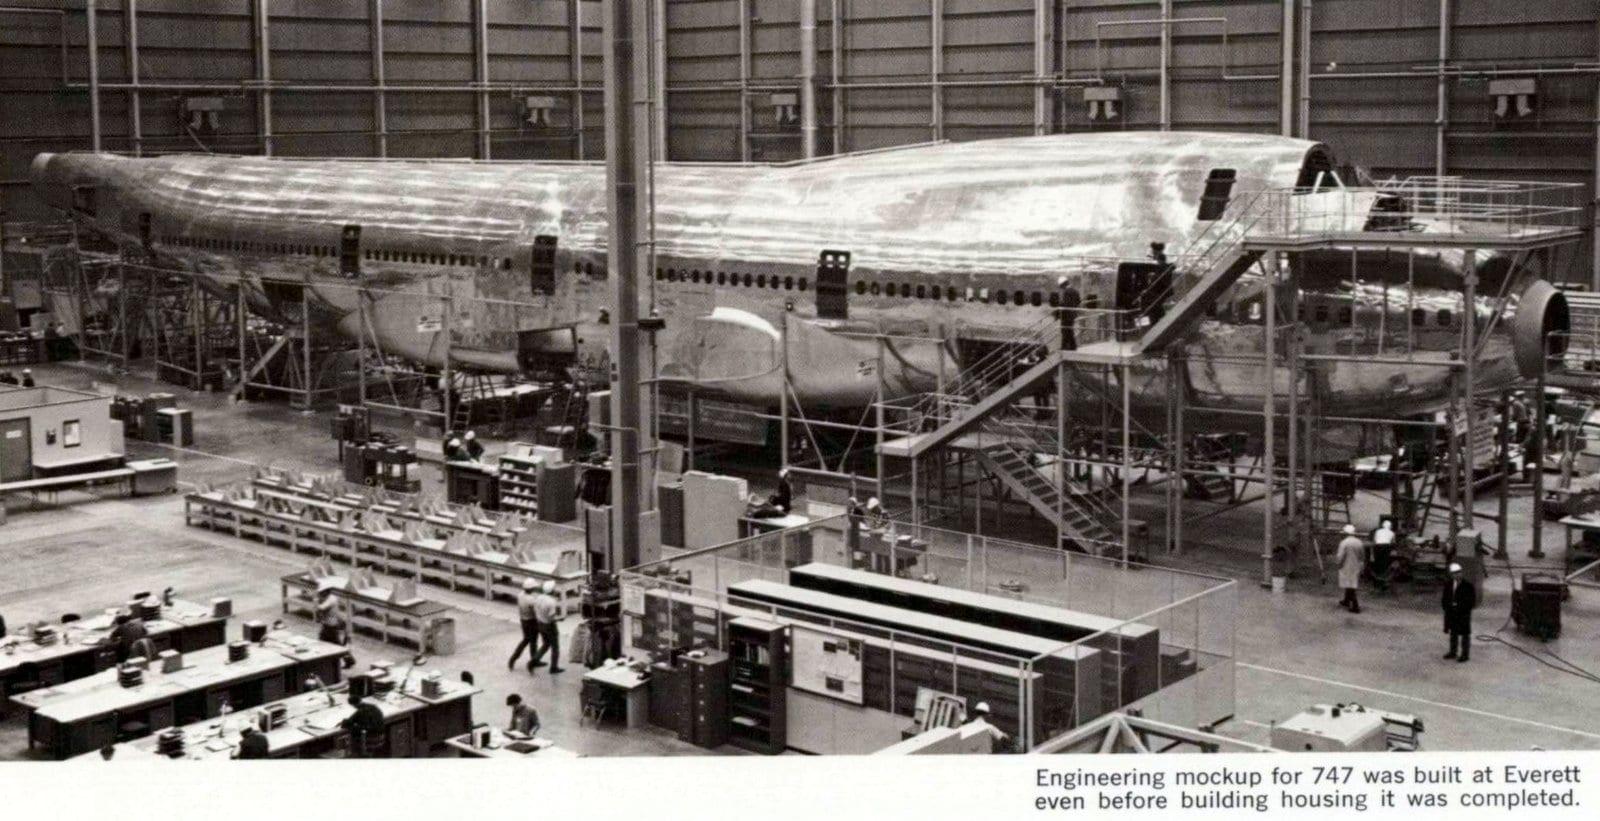 Boeing 747 jet - Engineering mockup (1967)